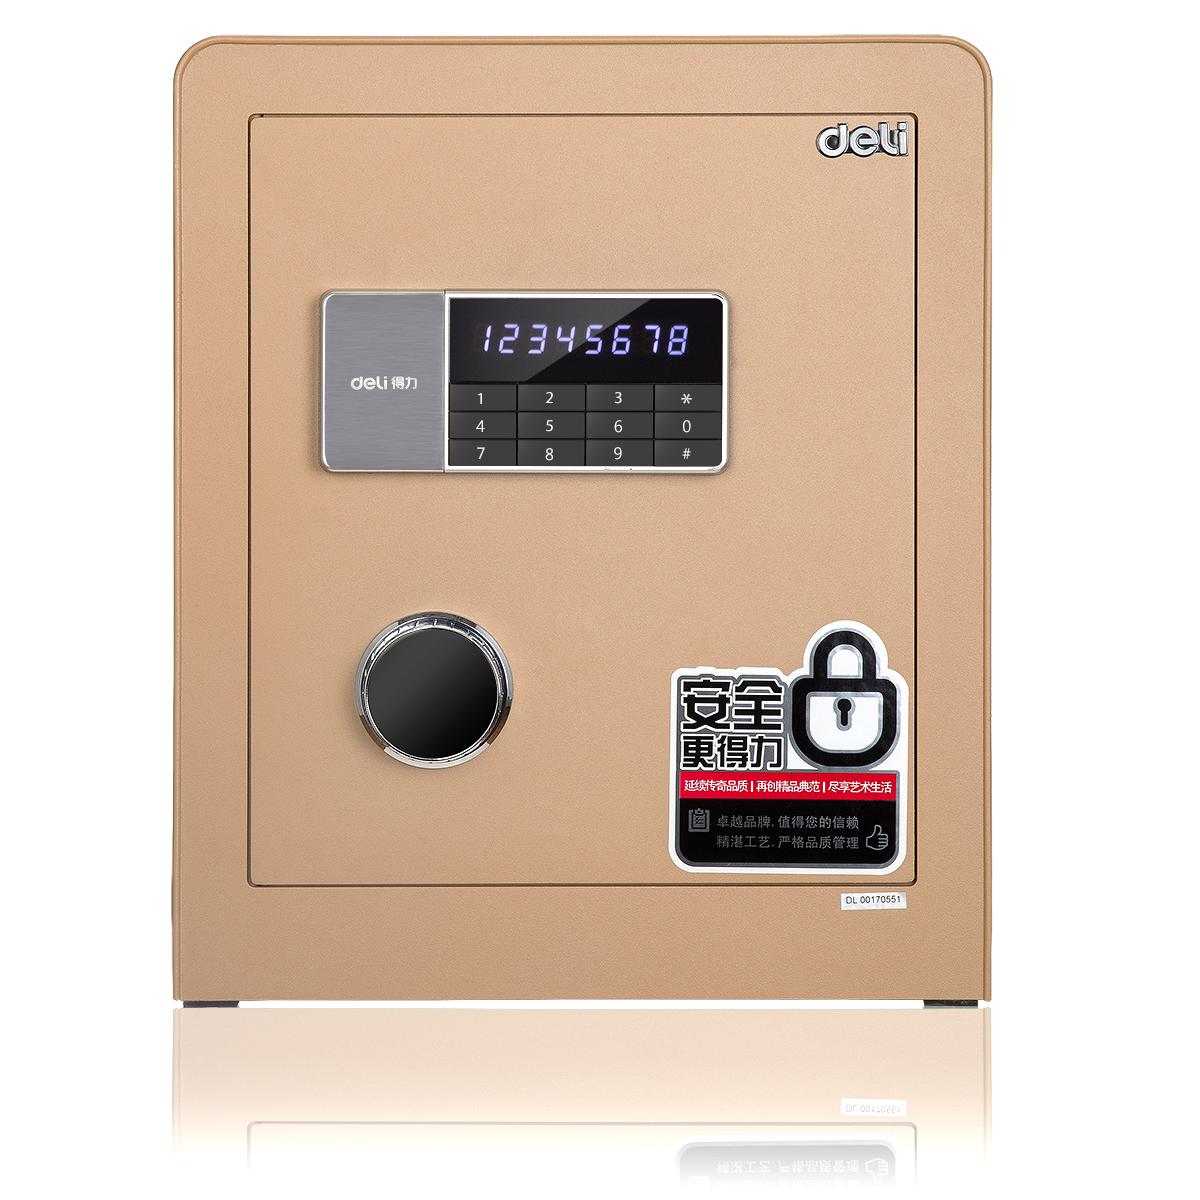 得力保险柜家用指纹密码办公全钢防盗保管箱小型电子保险箱60cm高